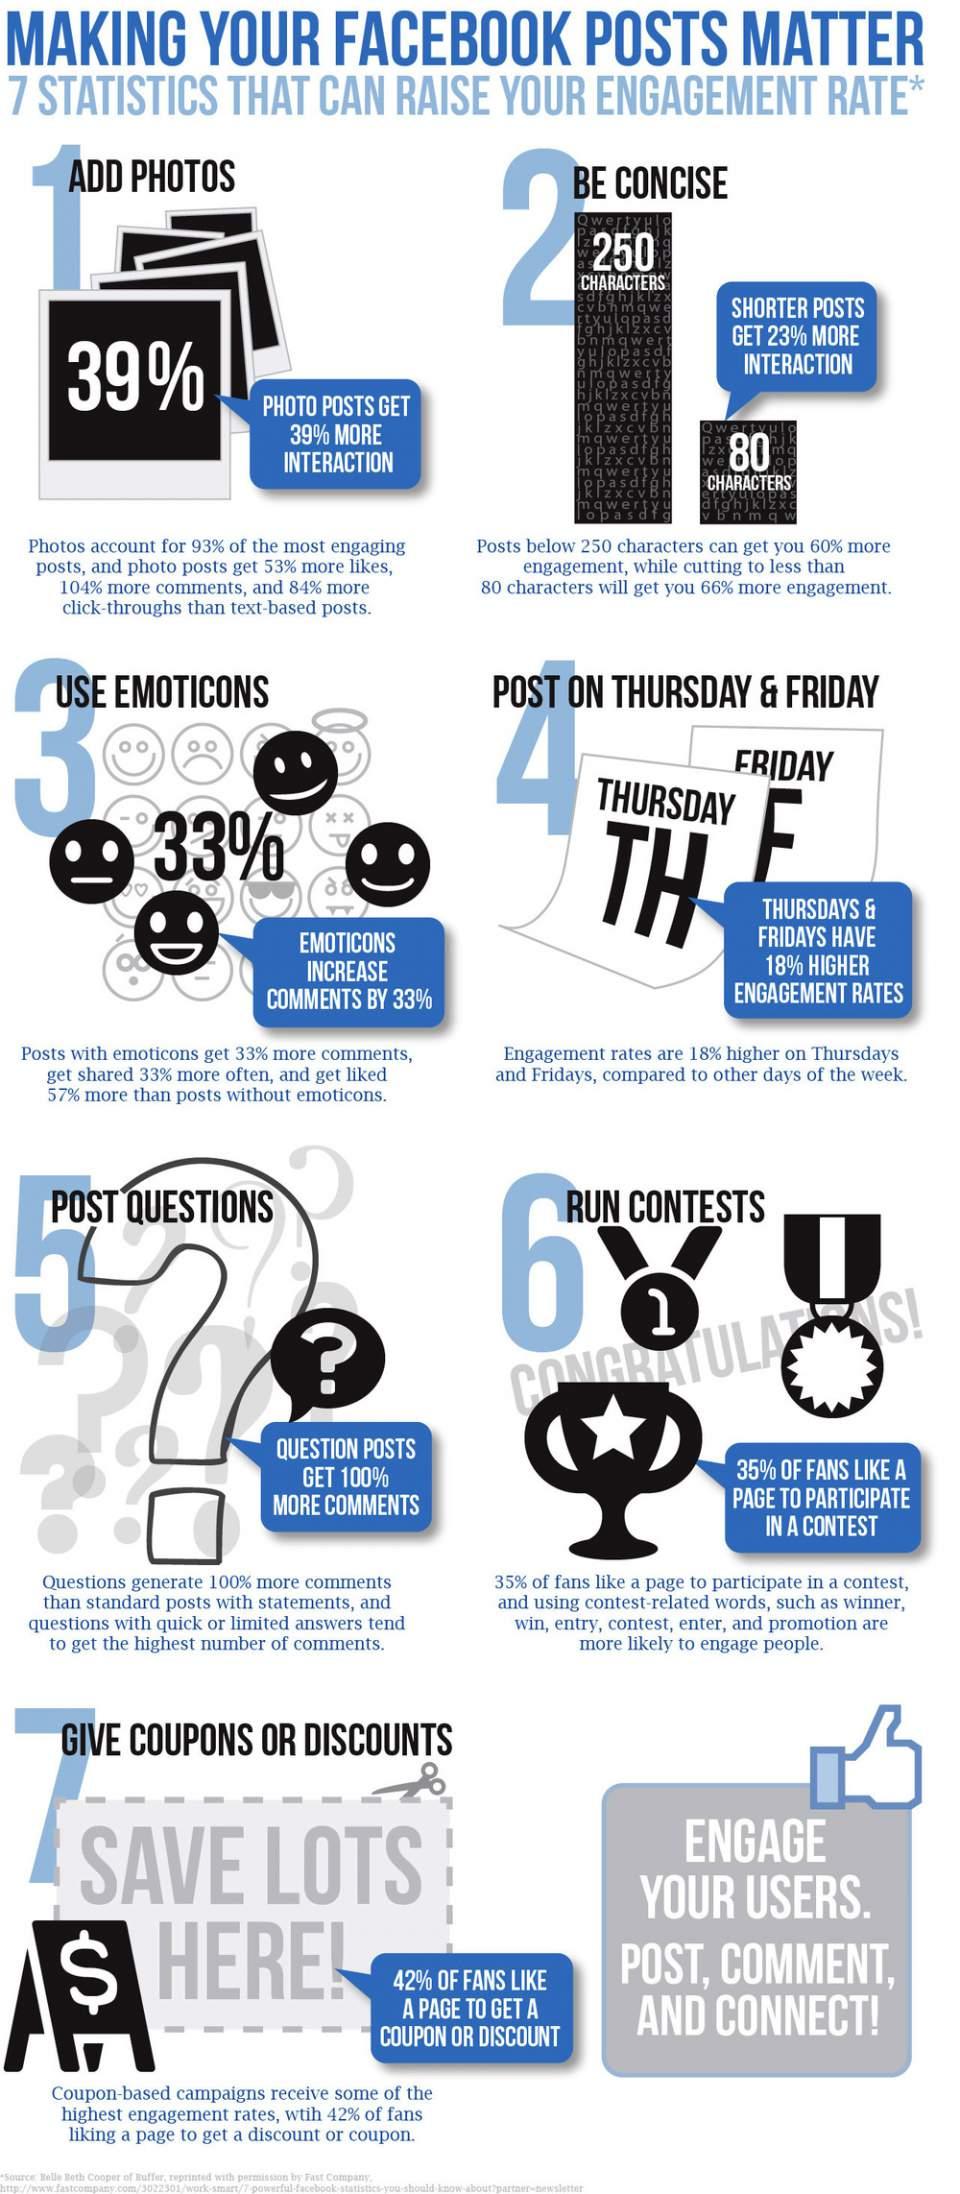 Infografik zum Thema Facebook Engagement Rate erhoehen